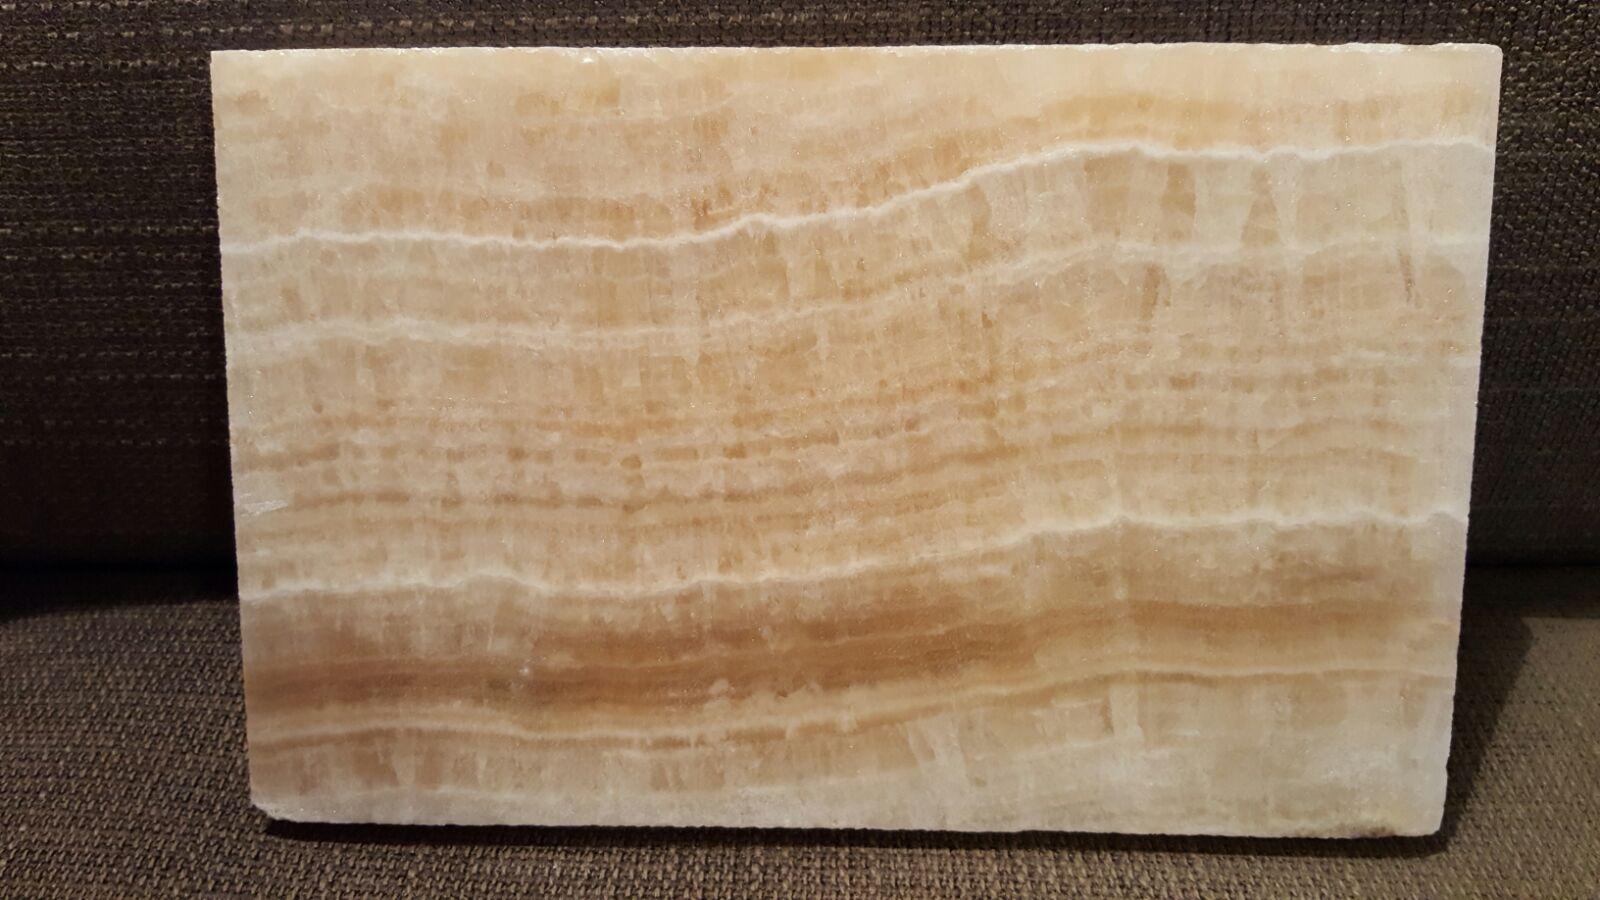 Onyx, Travertine, Polished marble